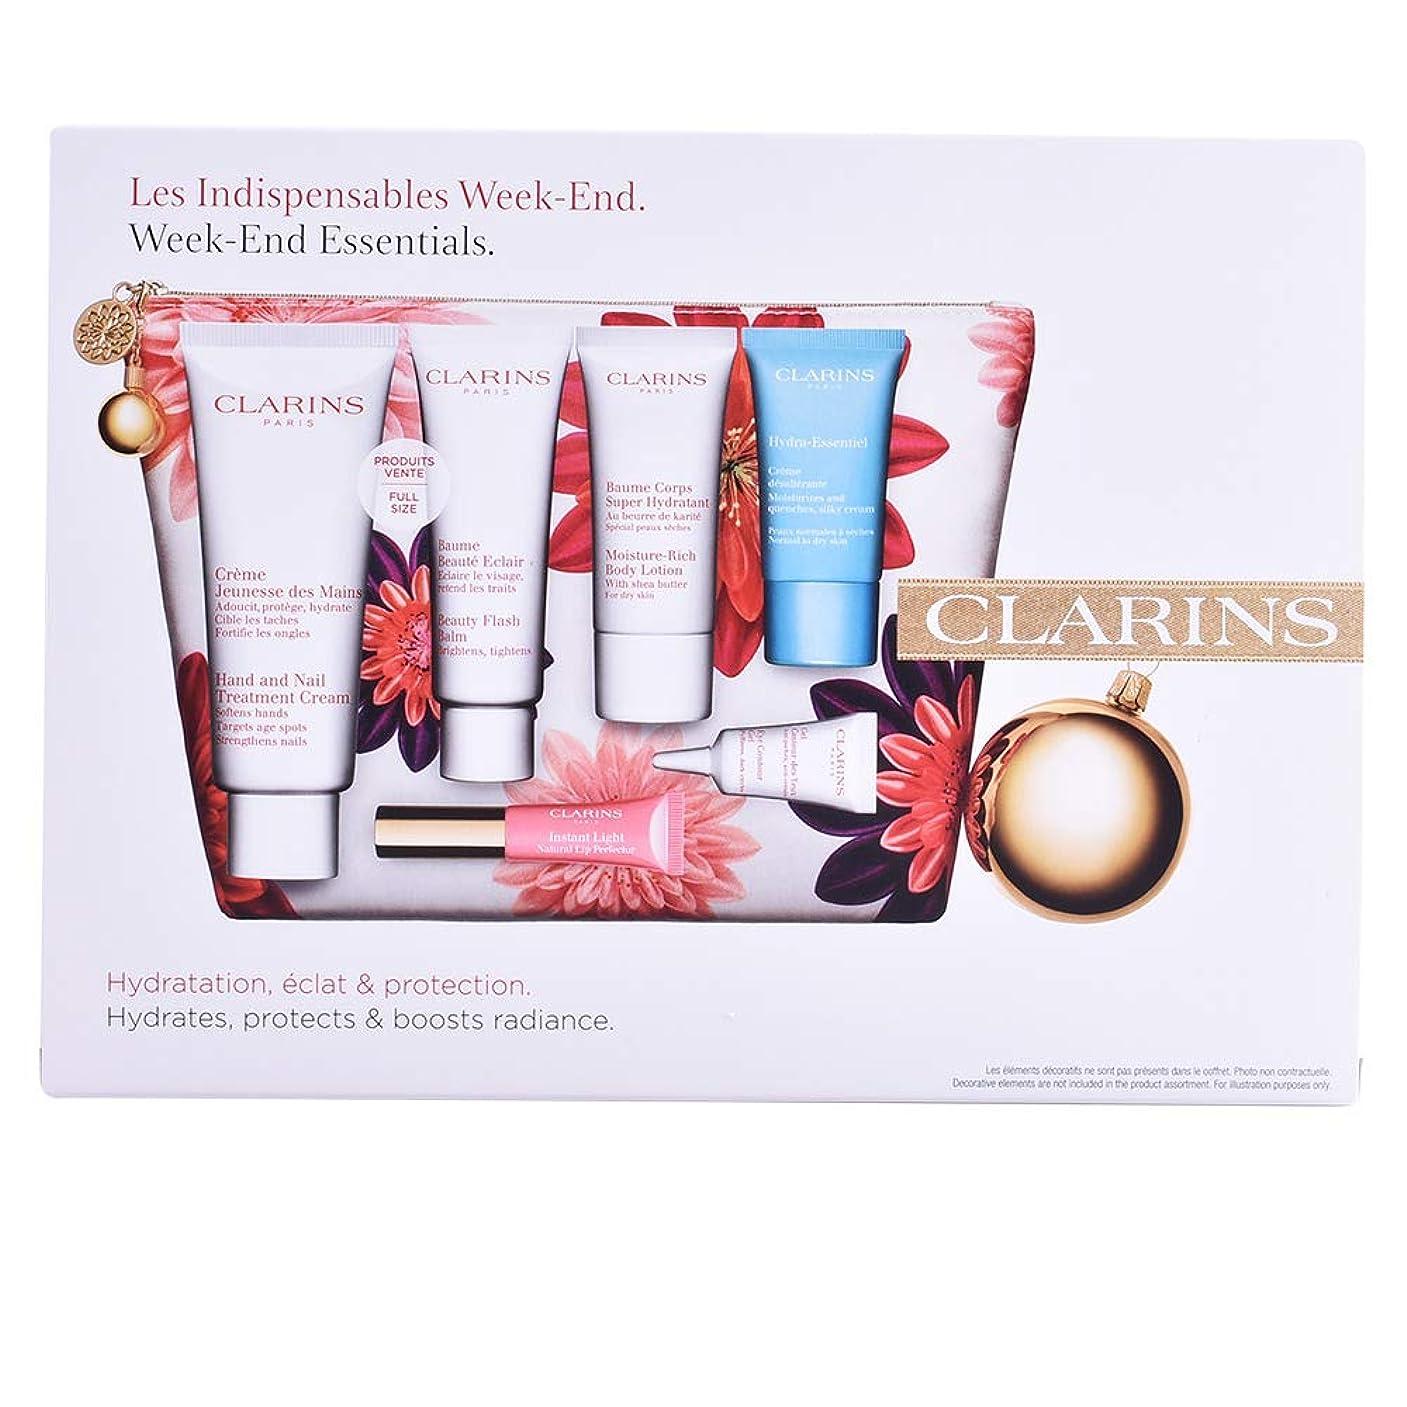 アレイ移動給料クラランス Week-End Essentials: Hand & Nail Cream+Beauty Flash Balm+Moisture-Rich Body+Eye Contour Gel+Hydra-Essentiel Cream+Lip 6pcs+1bag並行輸入品